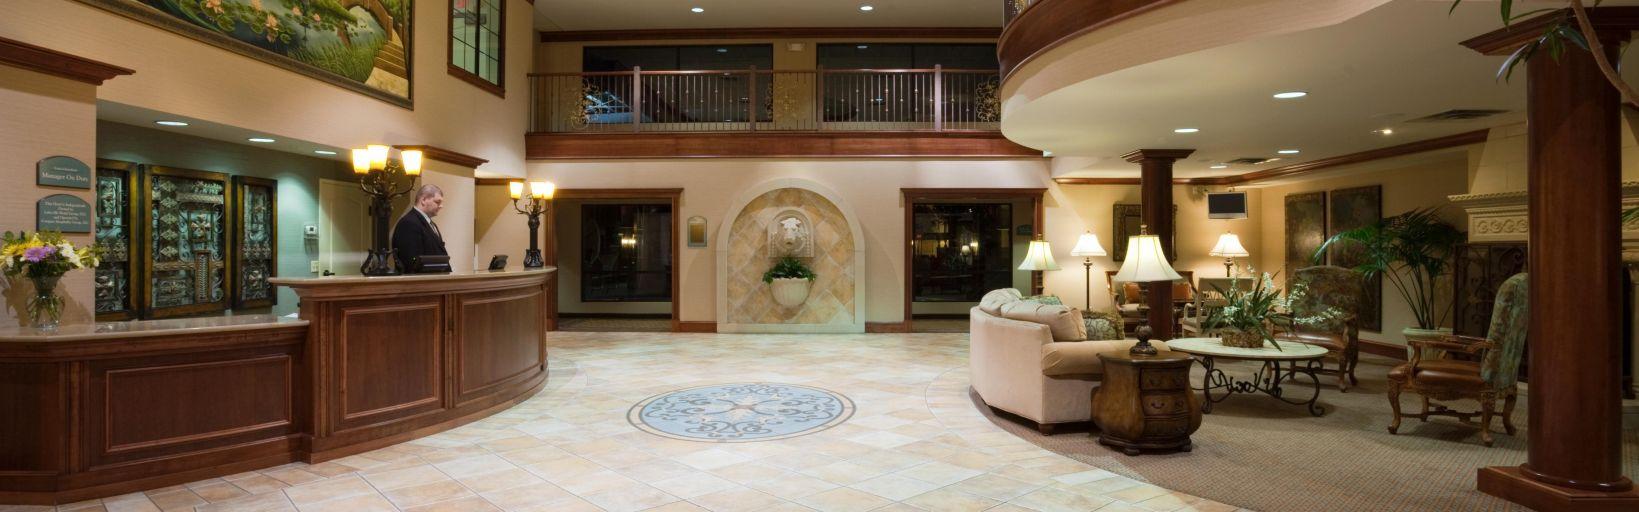 Suites Lakeville Reception